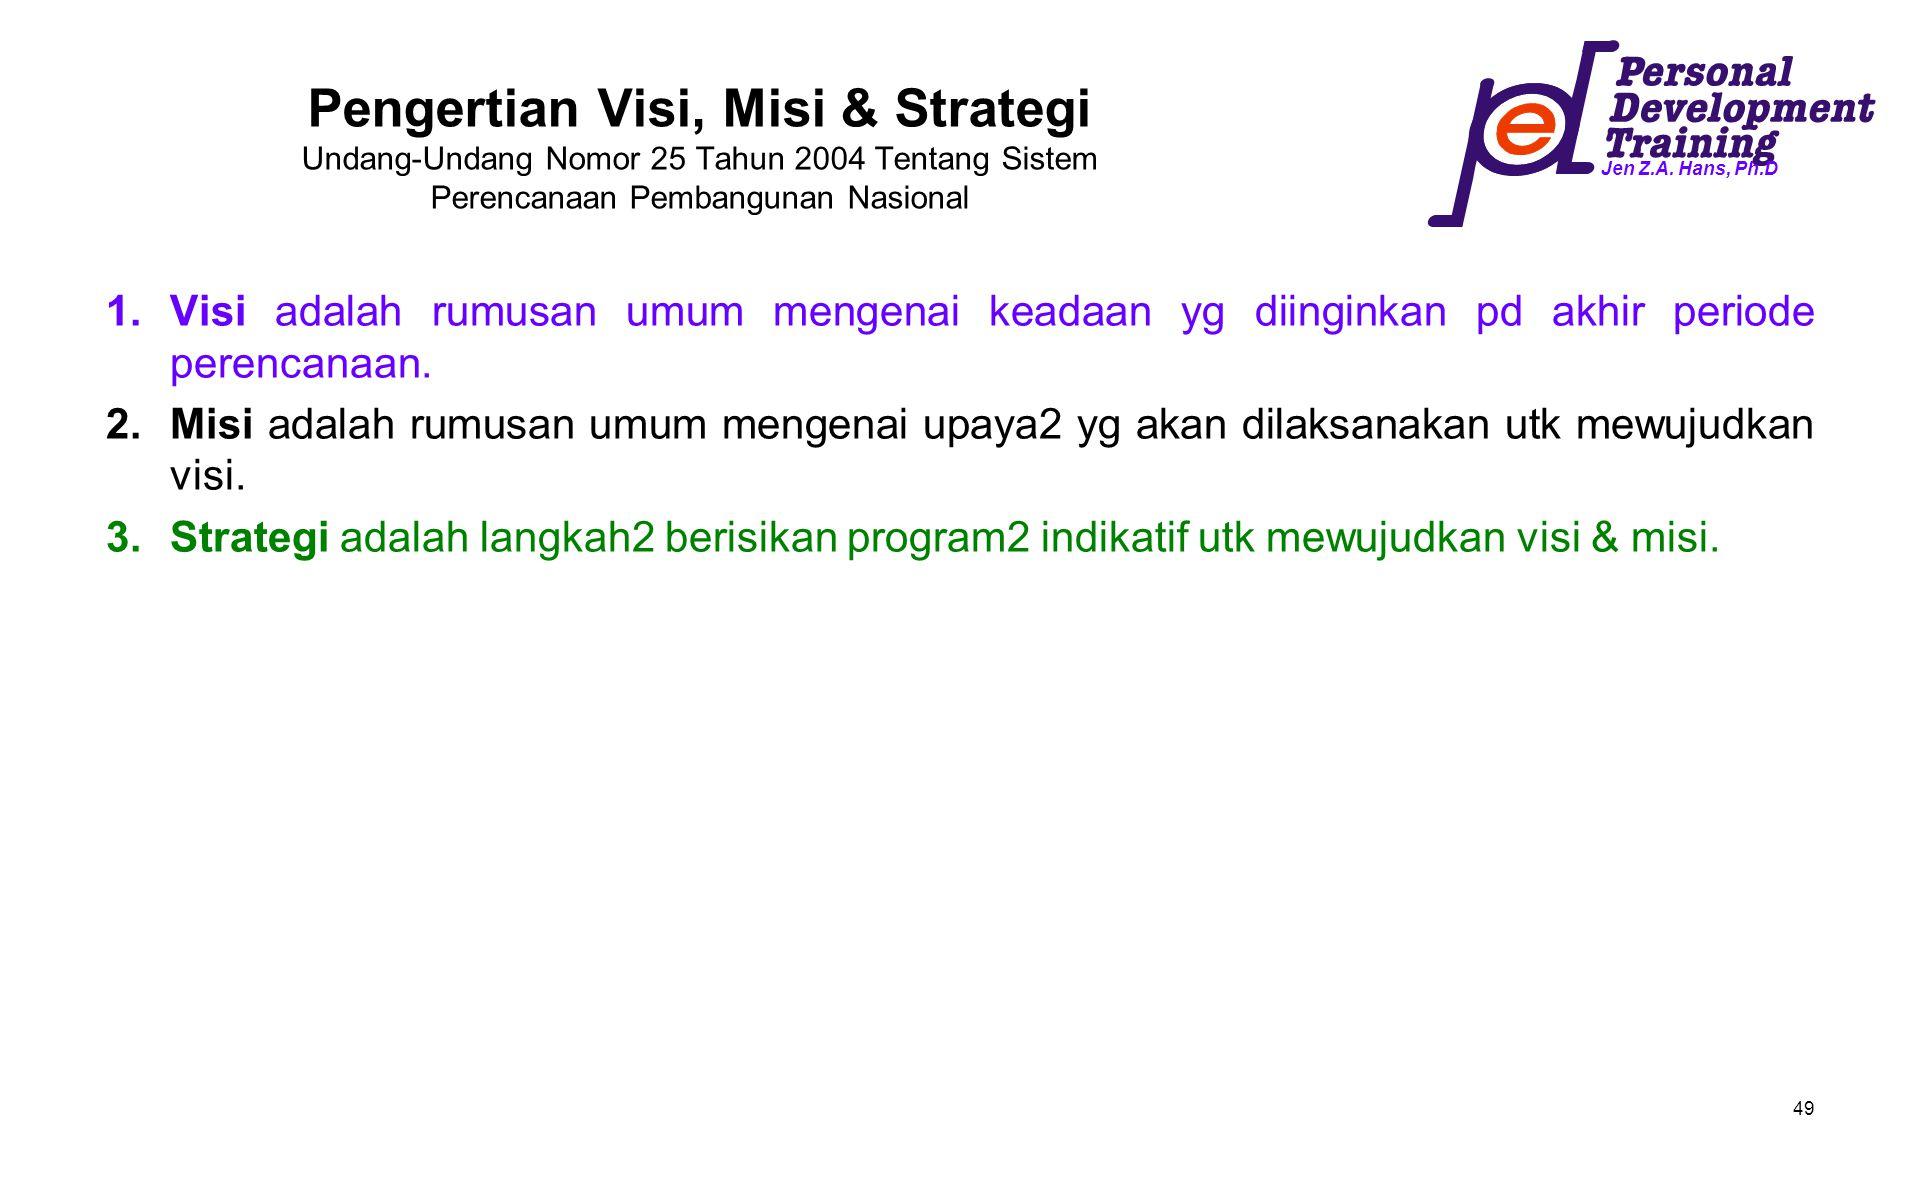 Pengertian Visi, Misi & Strategi Undang-Undang Nomor 25 Tahun 2004 Tentang Sistem Perencanaan Pembangunan Nasional